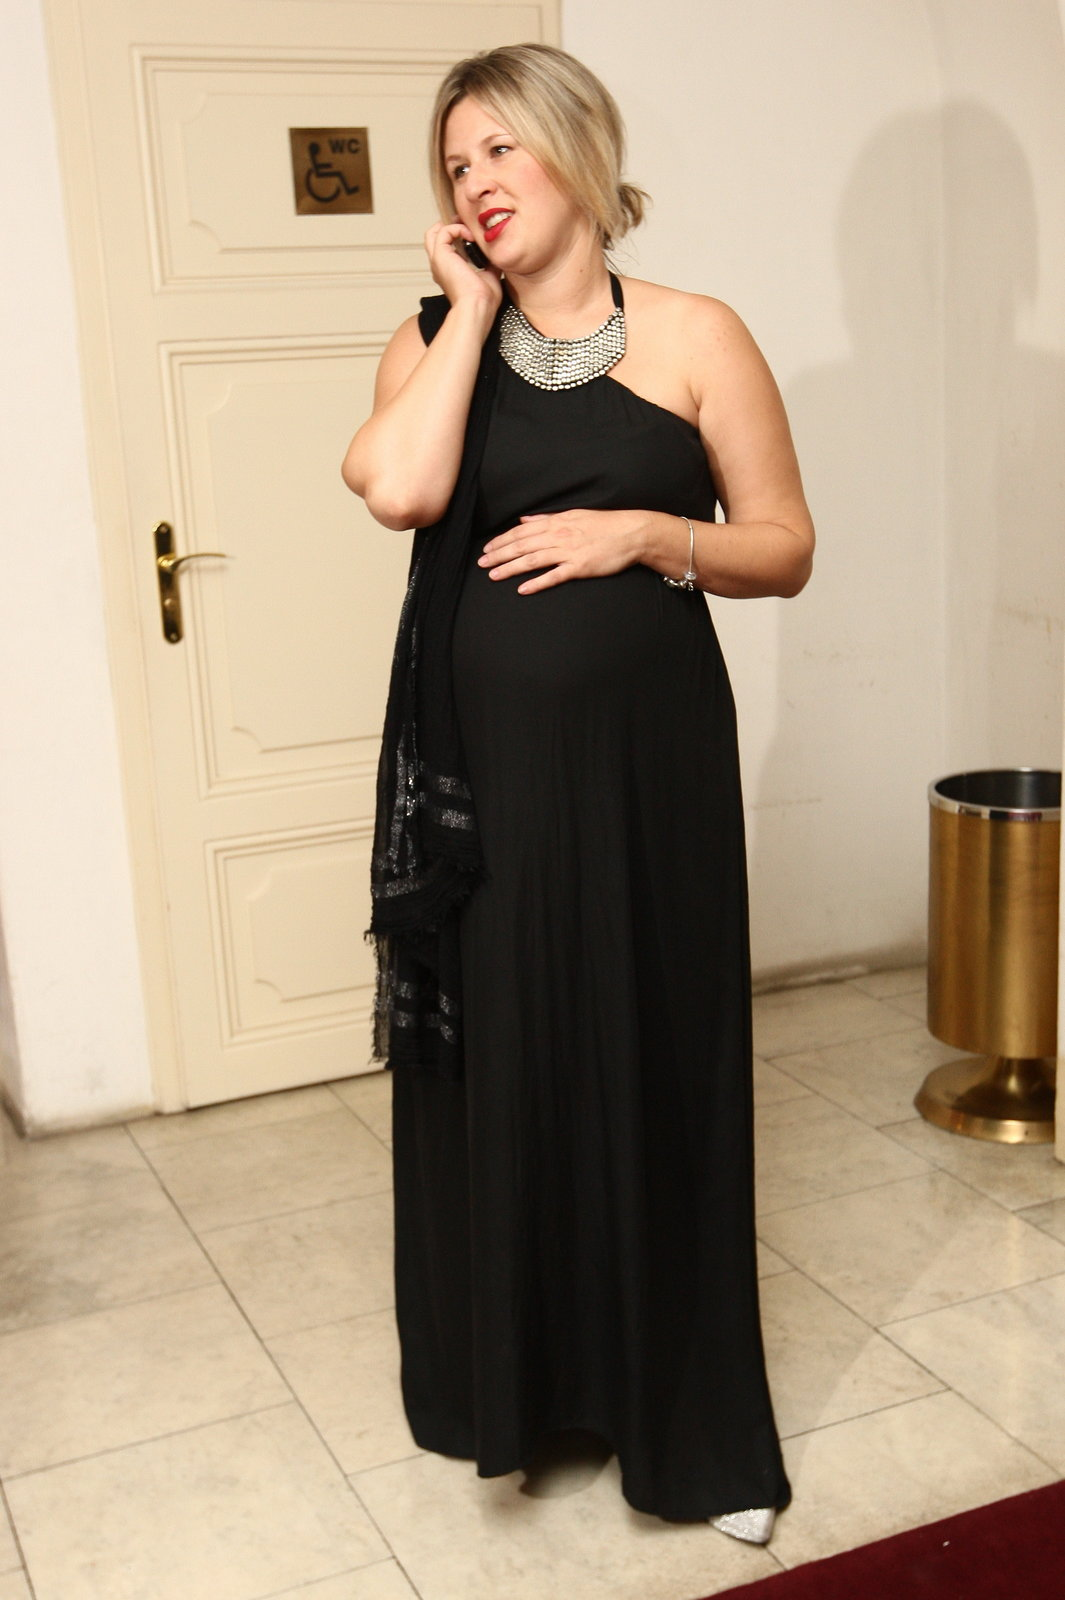 Tereza oblékla velké černé šaty. Výběr oblečení má teď omezený, do porodu jí zbývají už jen dny.